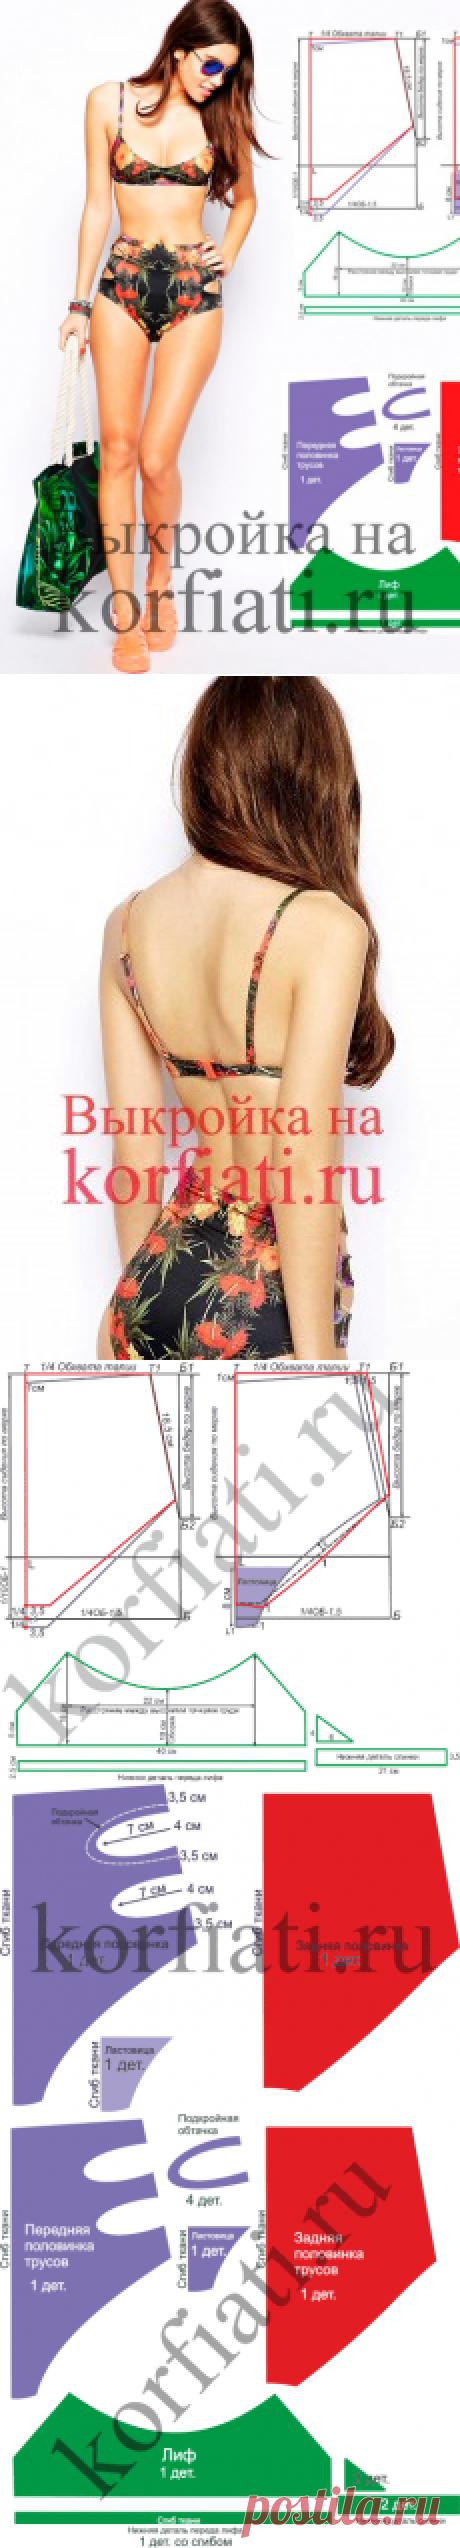 Выкройка бикини от Анастасии Корфиати по желанию,выкройку лифа можно взять из другой модели.